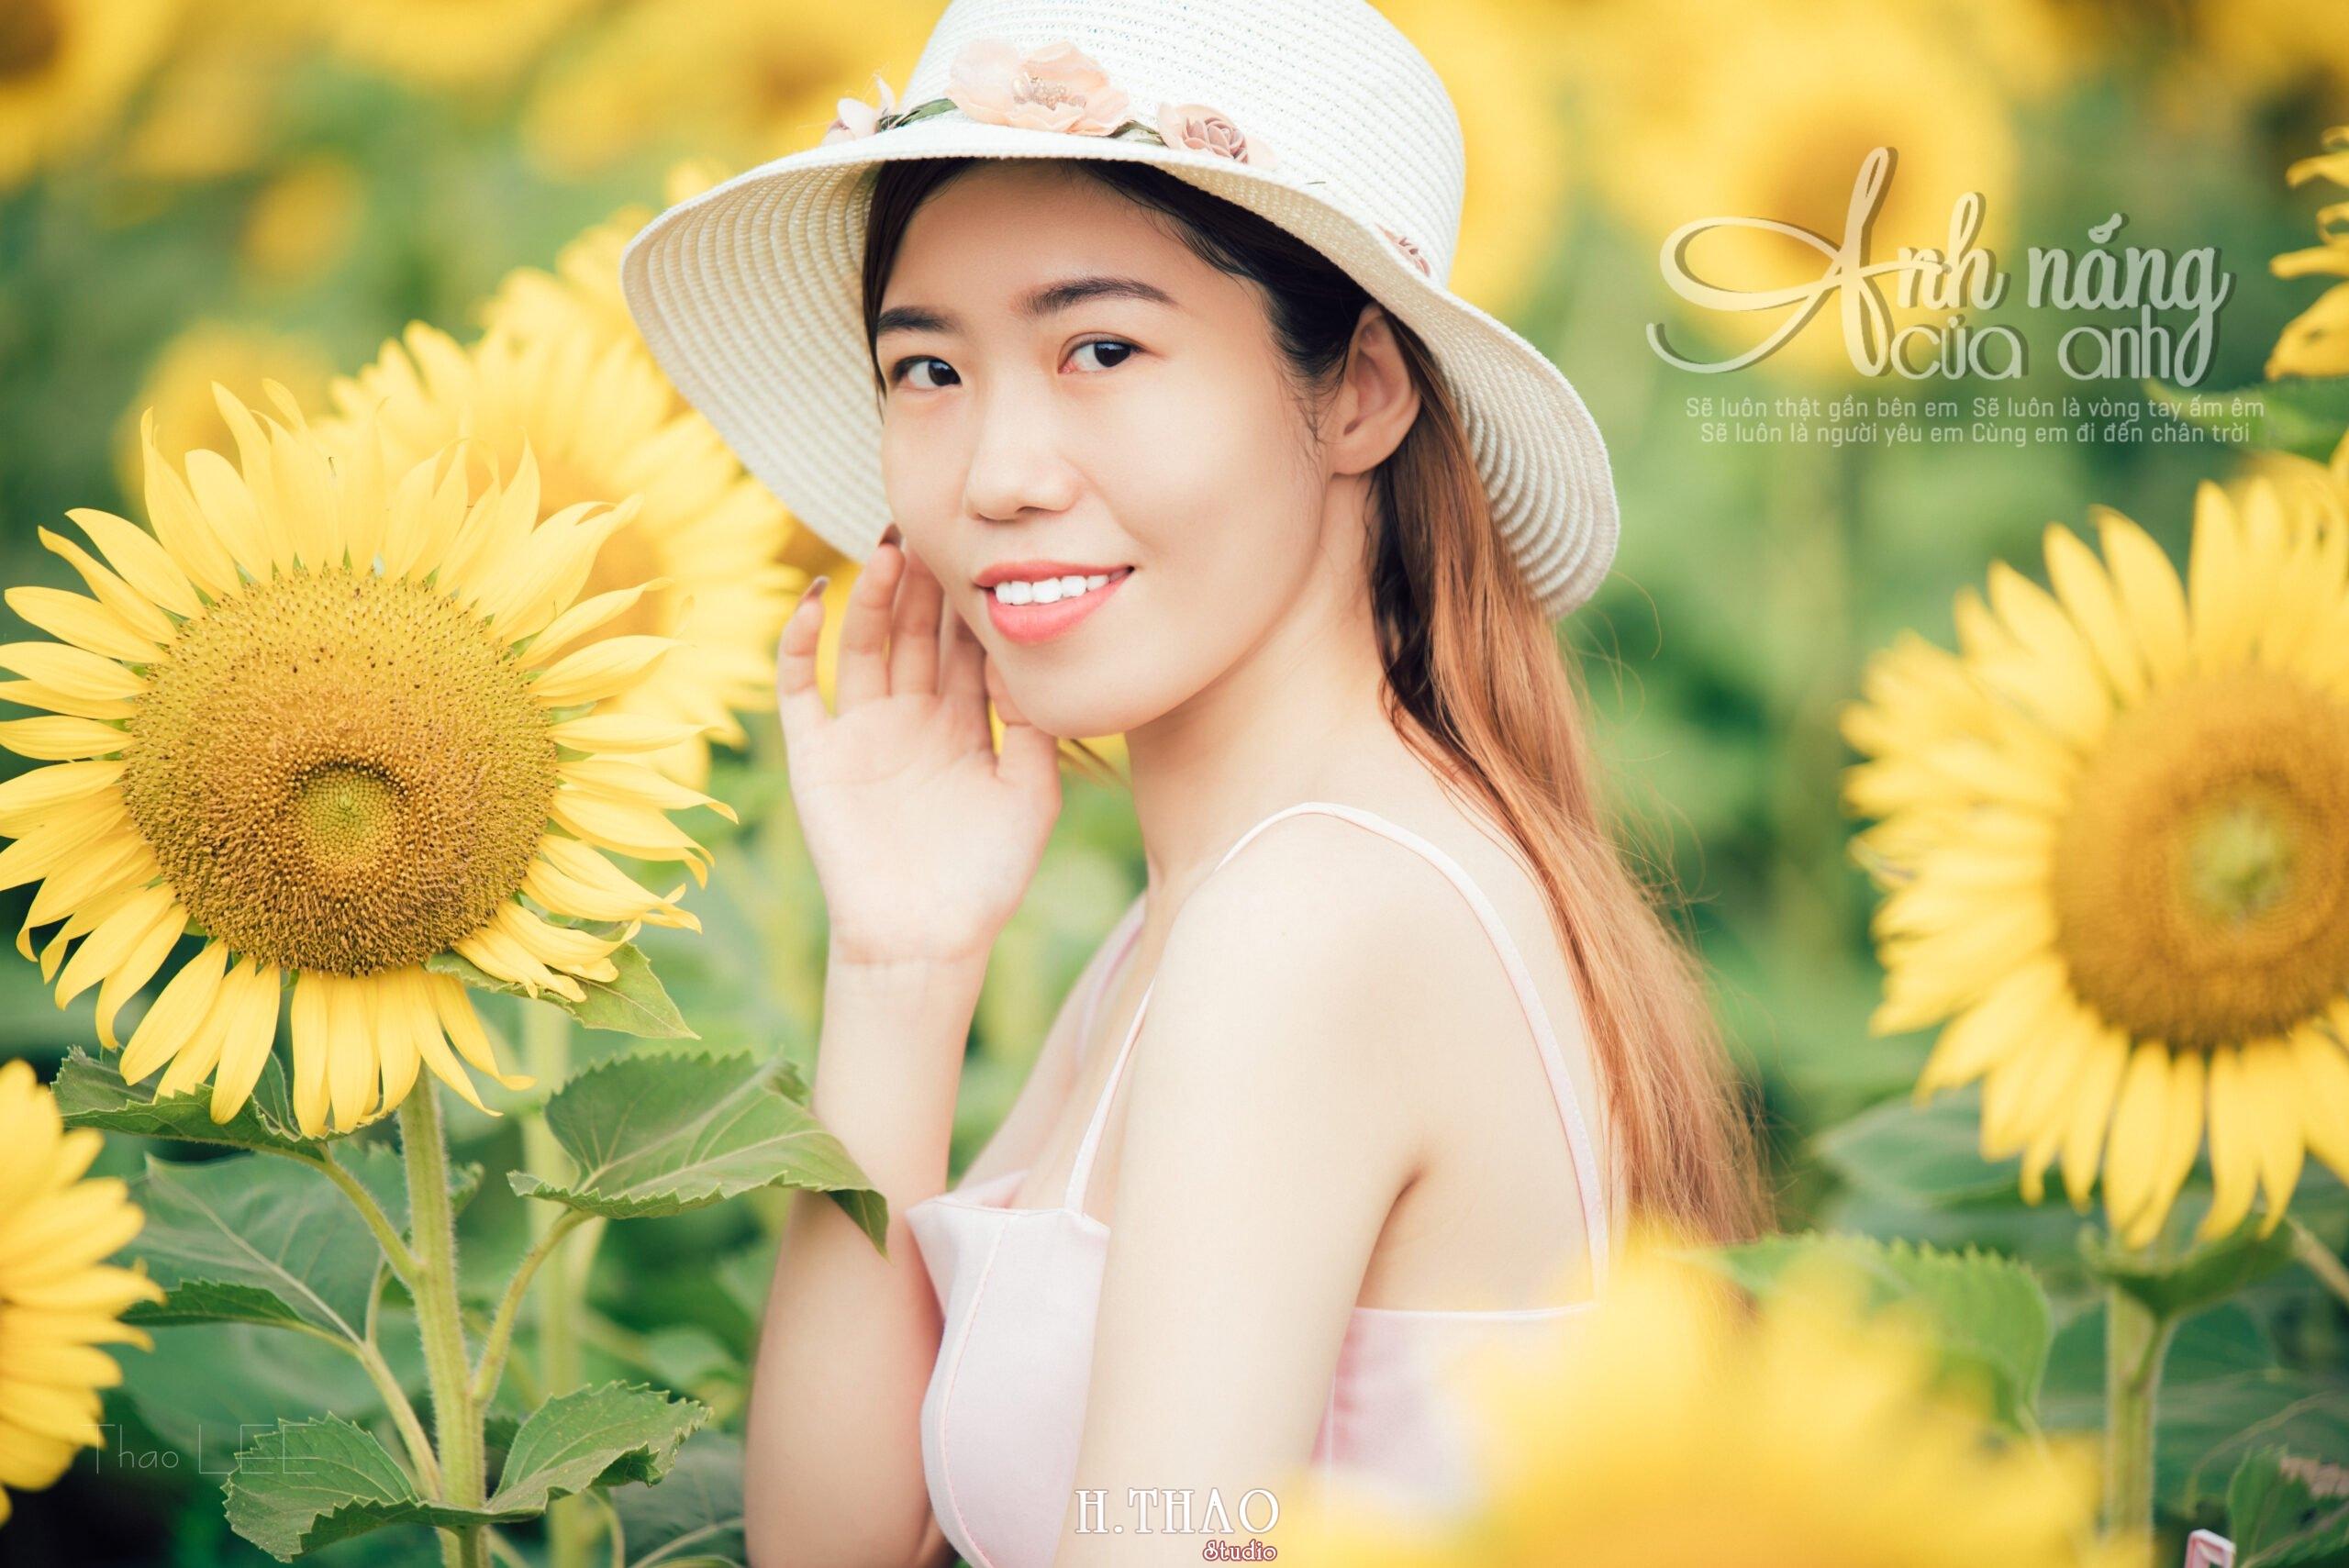 Anh be Mai 2 scaled - Chụp ảnh với hoa hướng dương tuyệt đẹp giữa lòng Sài Gòn